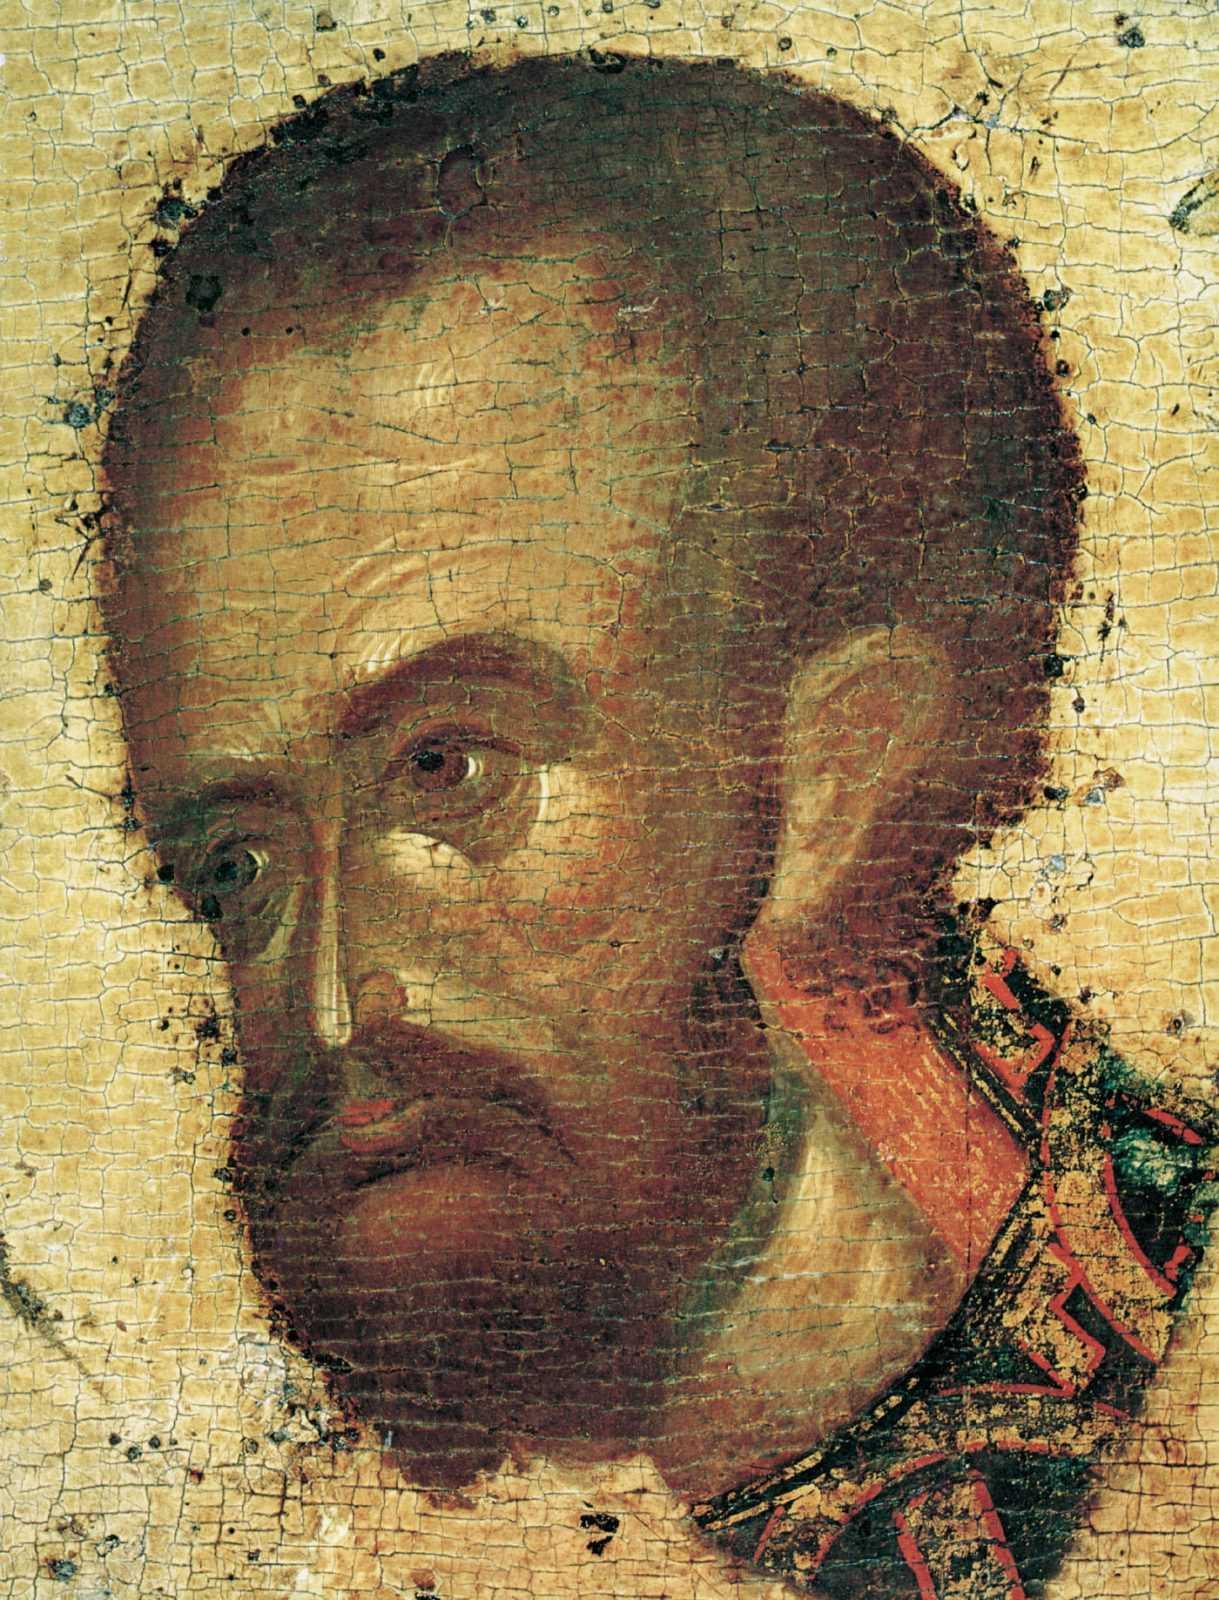 13 сентября. Святой Иоанн Златоуст, епископ и Учитель Церкви. Память 4